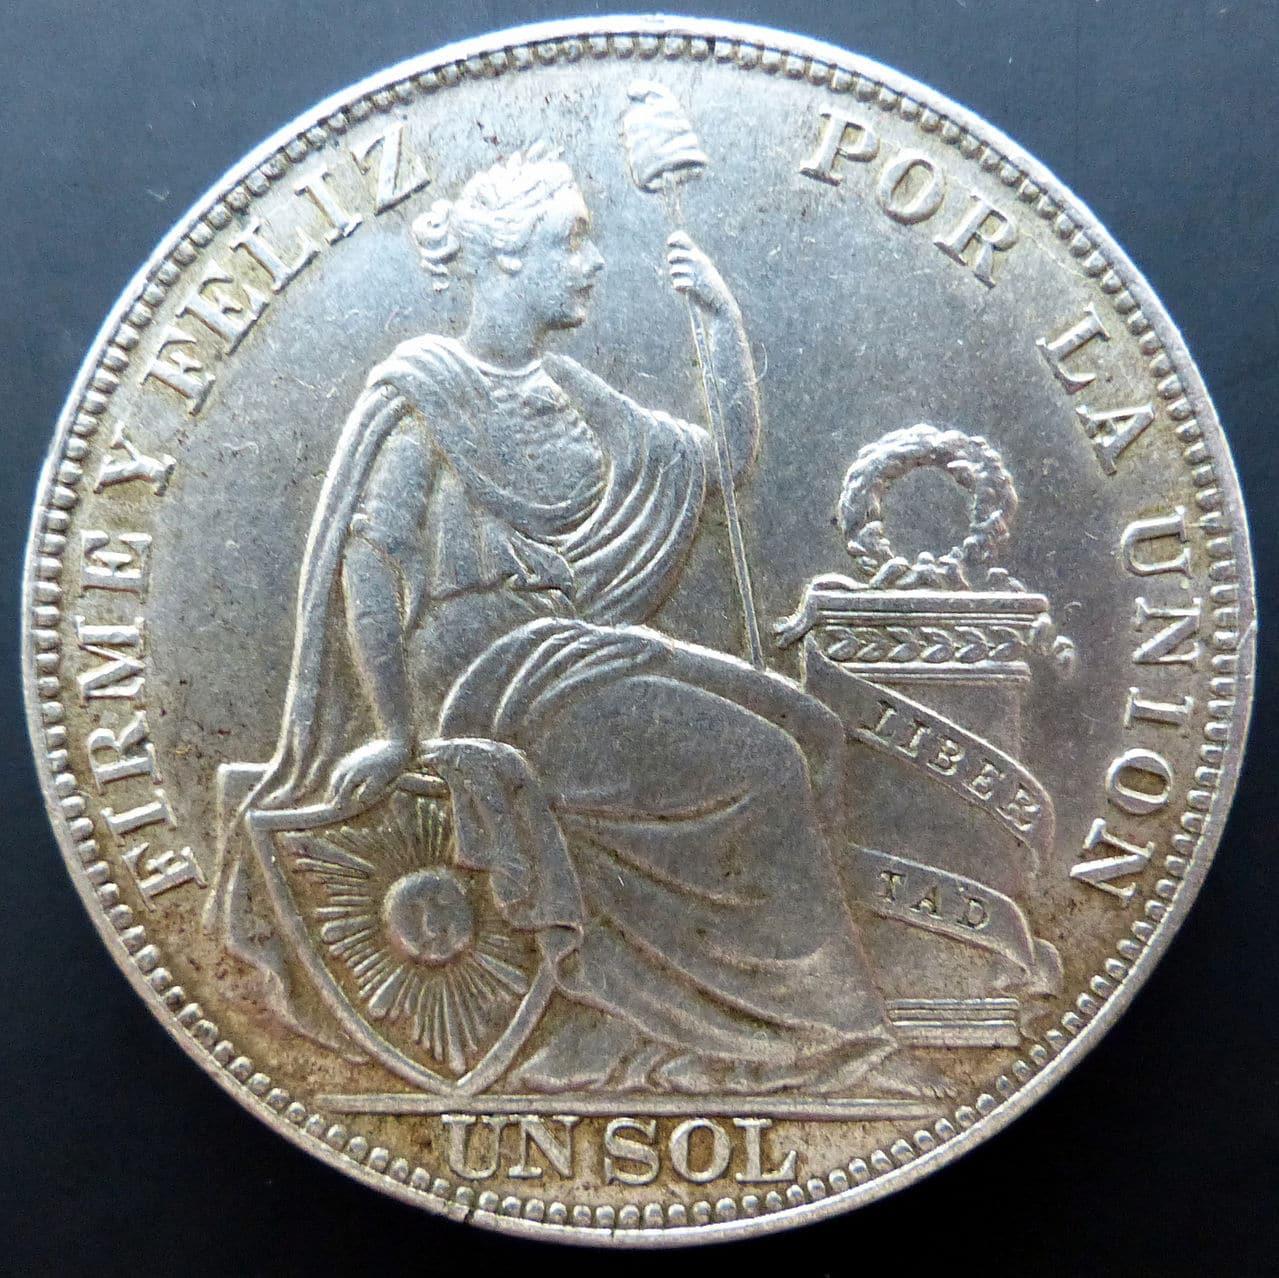 Perú - Un sol - 1934 - 5 décimos fino Per_1_Sol_1934_a